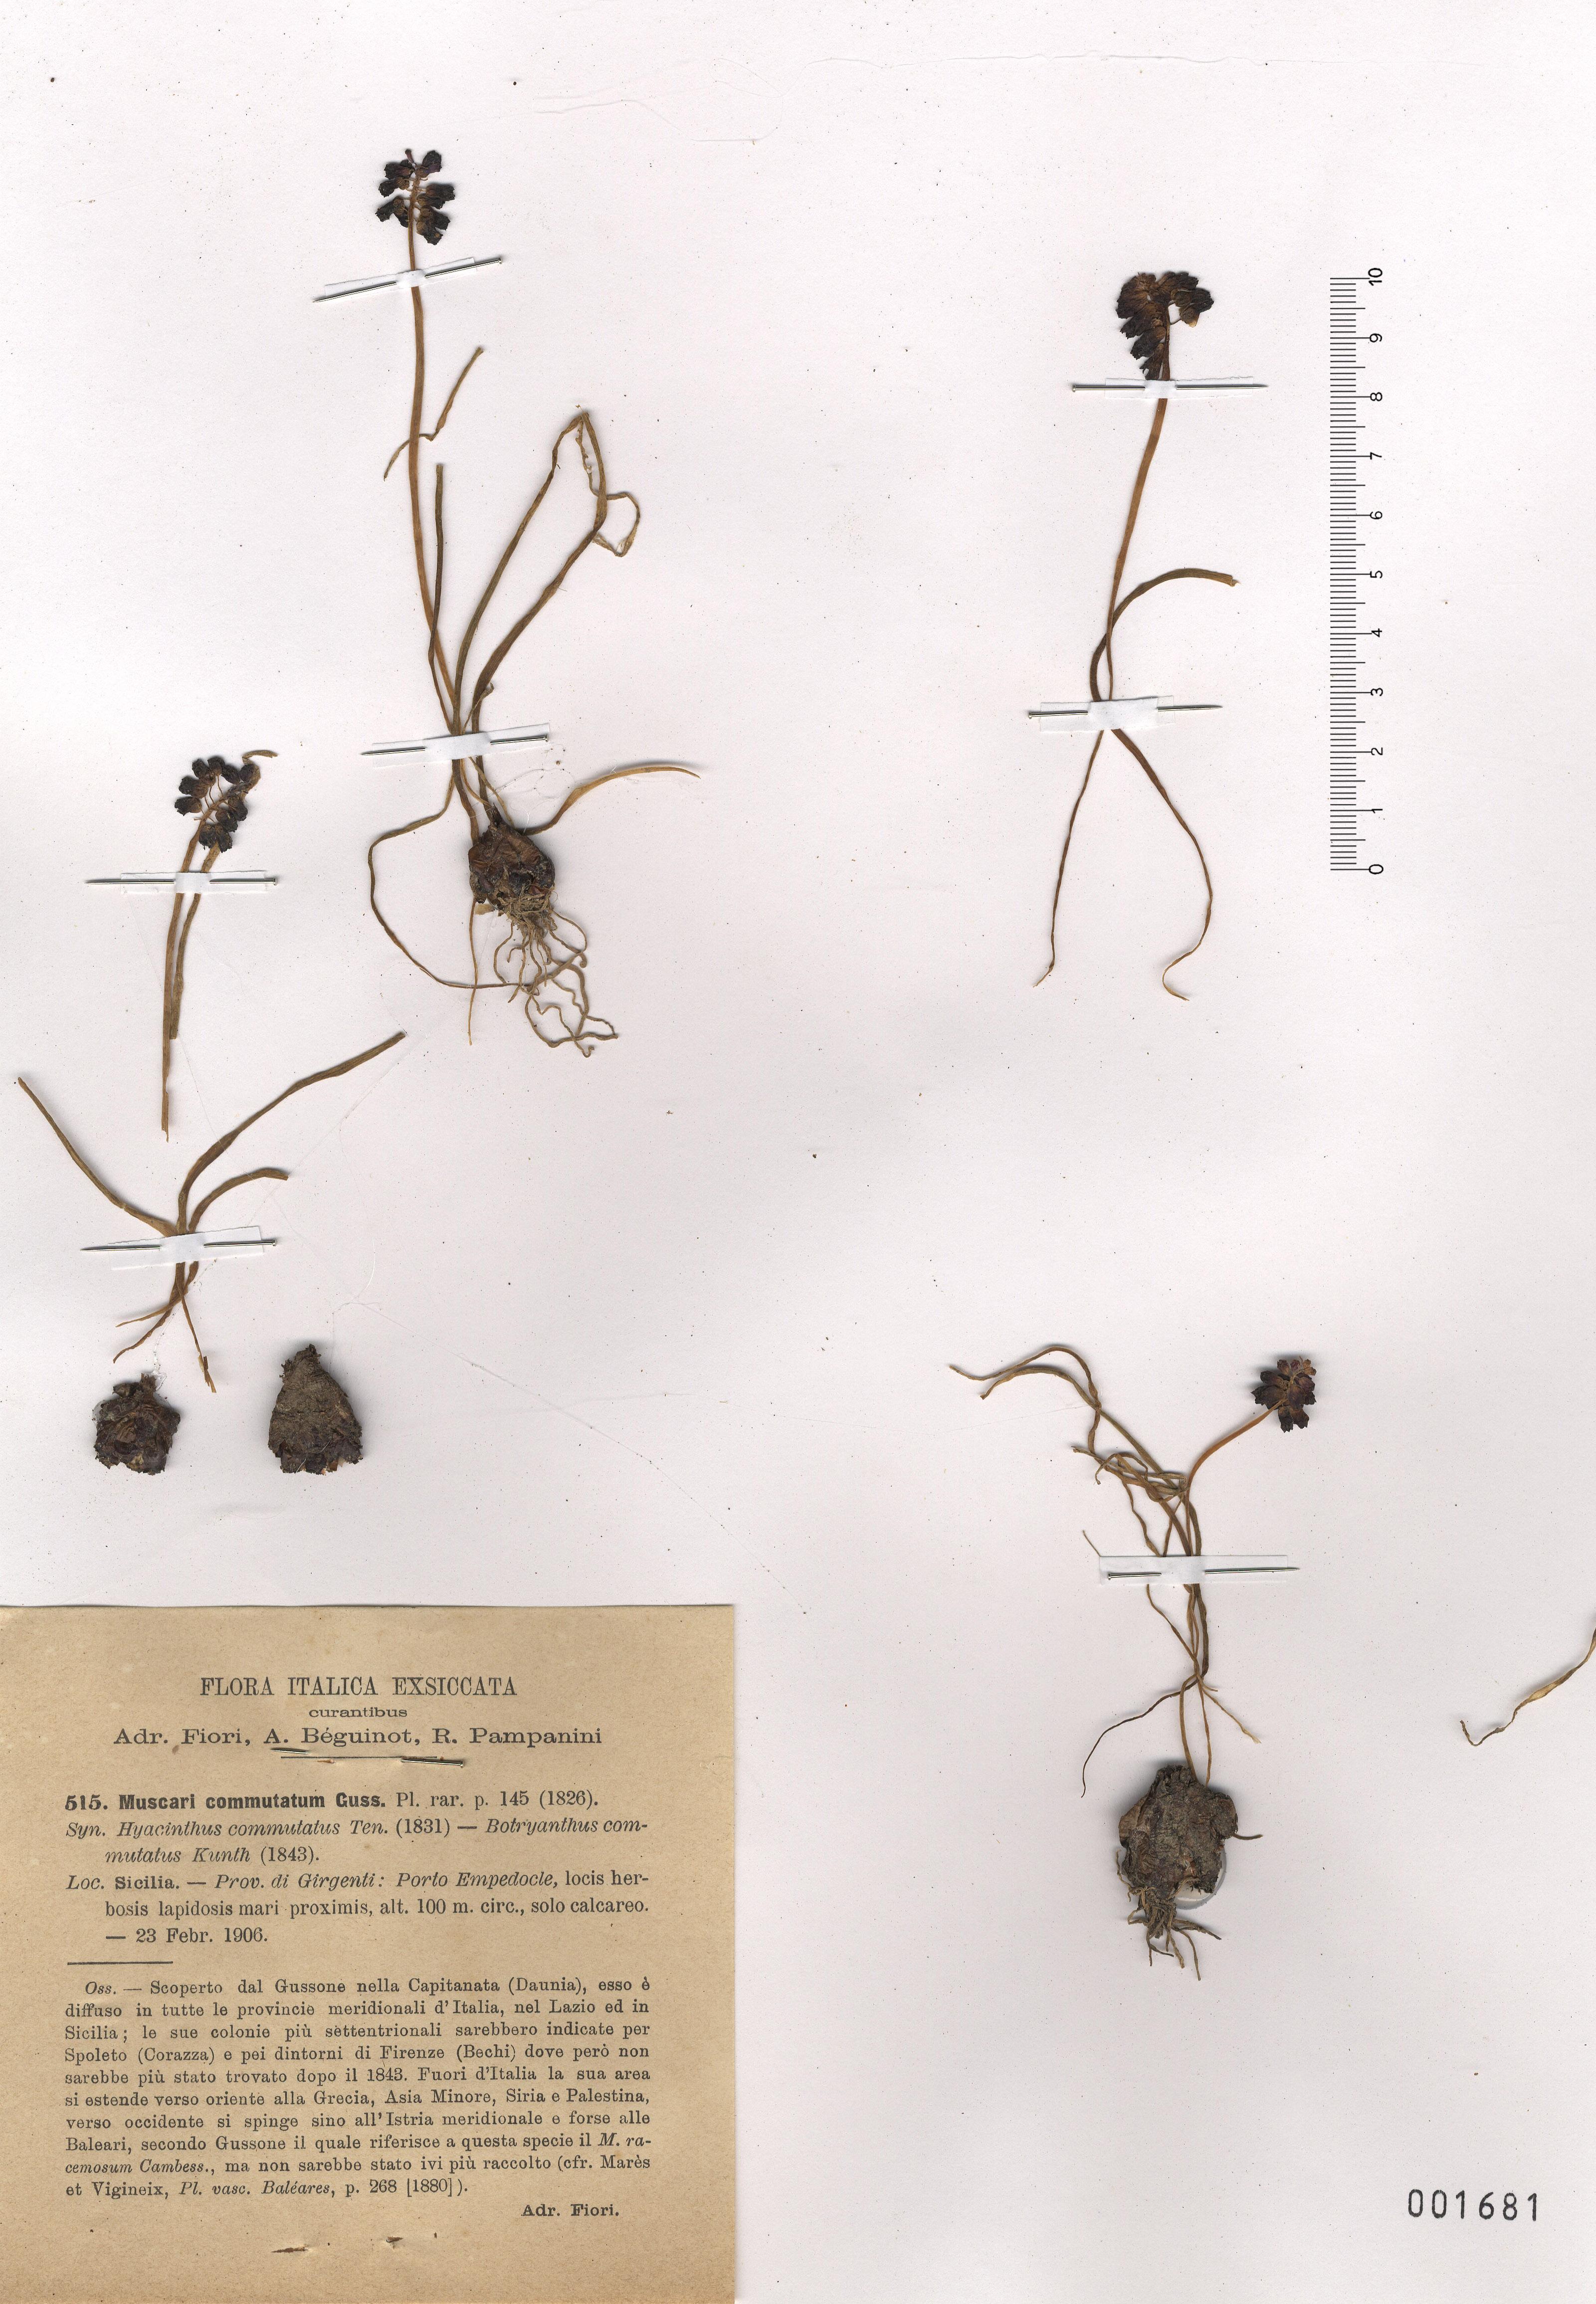 &copy; Hortus Botanicus Catinensis - Herb. sheet 001681<br>